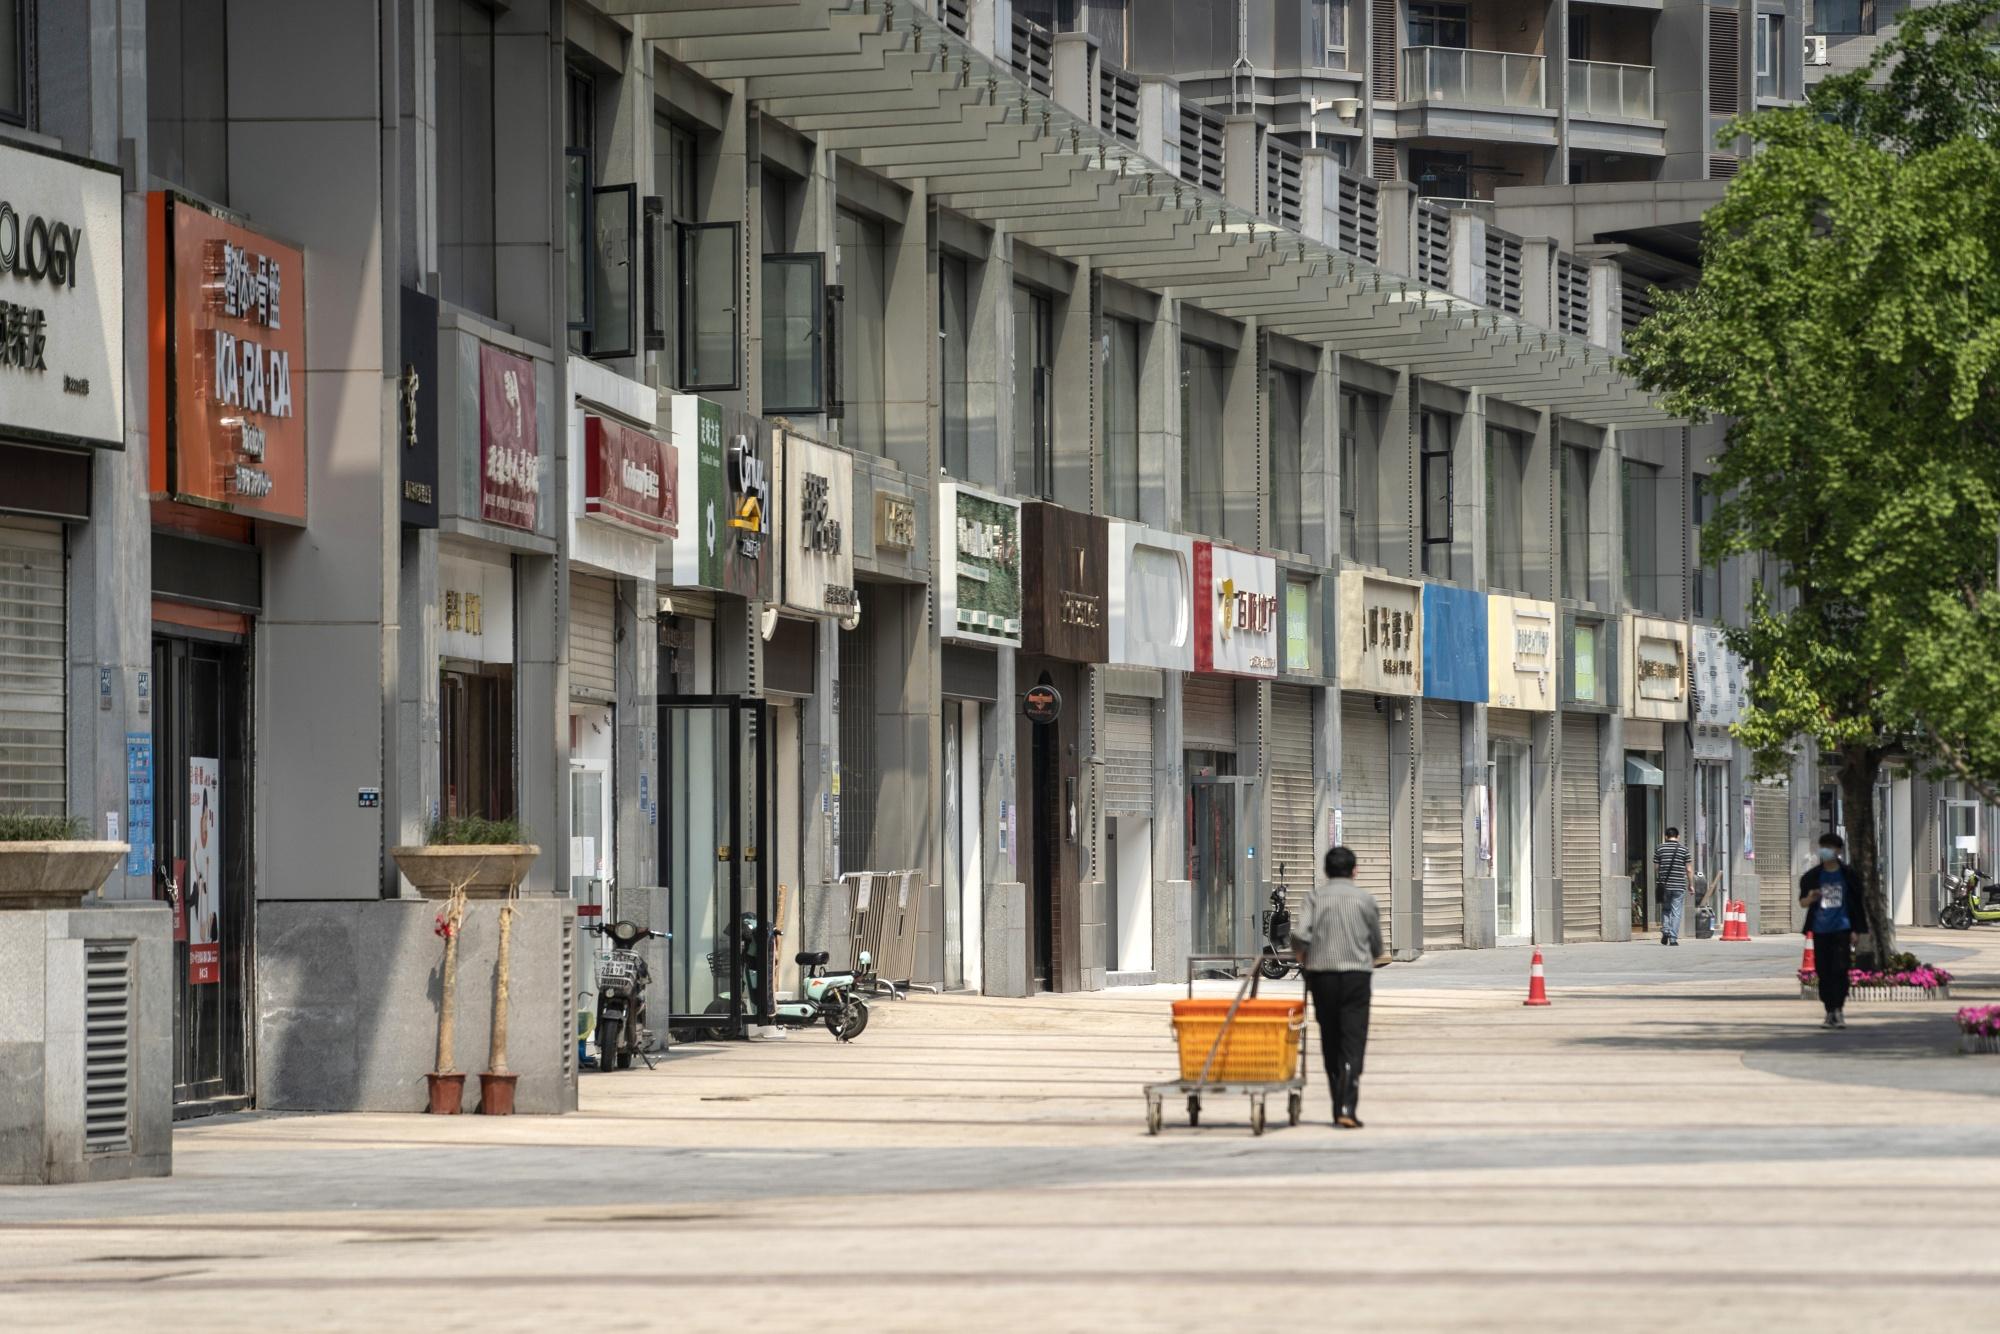 Ngân hàng Trung Quốc như ngồi trên đống lửa với núi nợ xấu 211 tỉ USD, kêu gọi chính phủ cứu trợ - Ảnh 1.